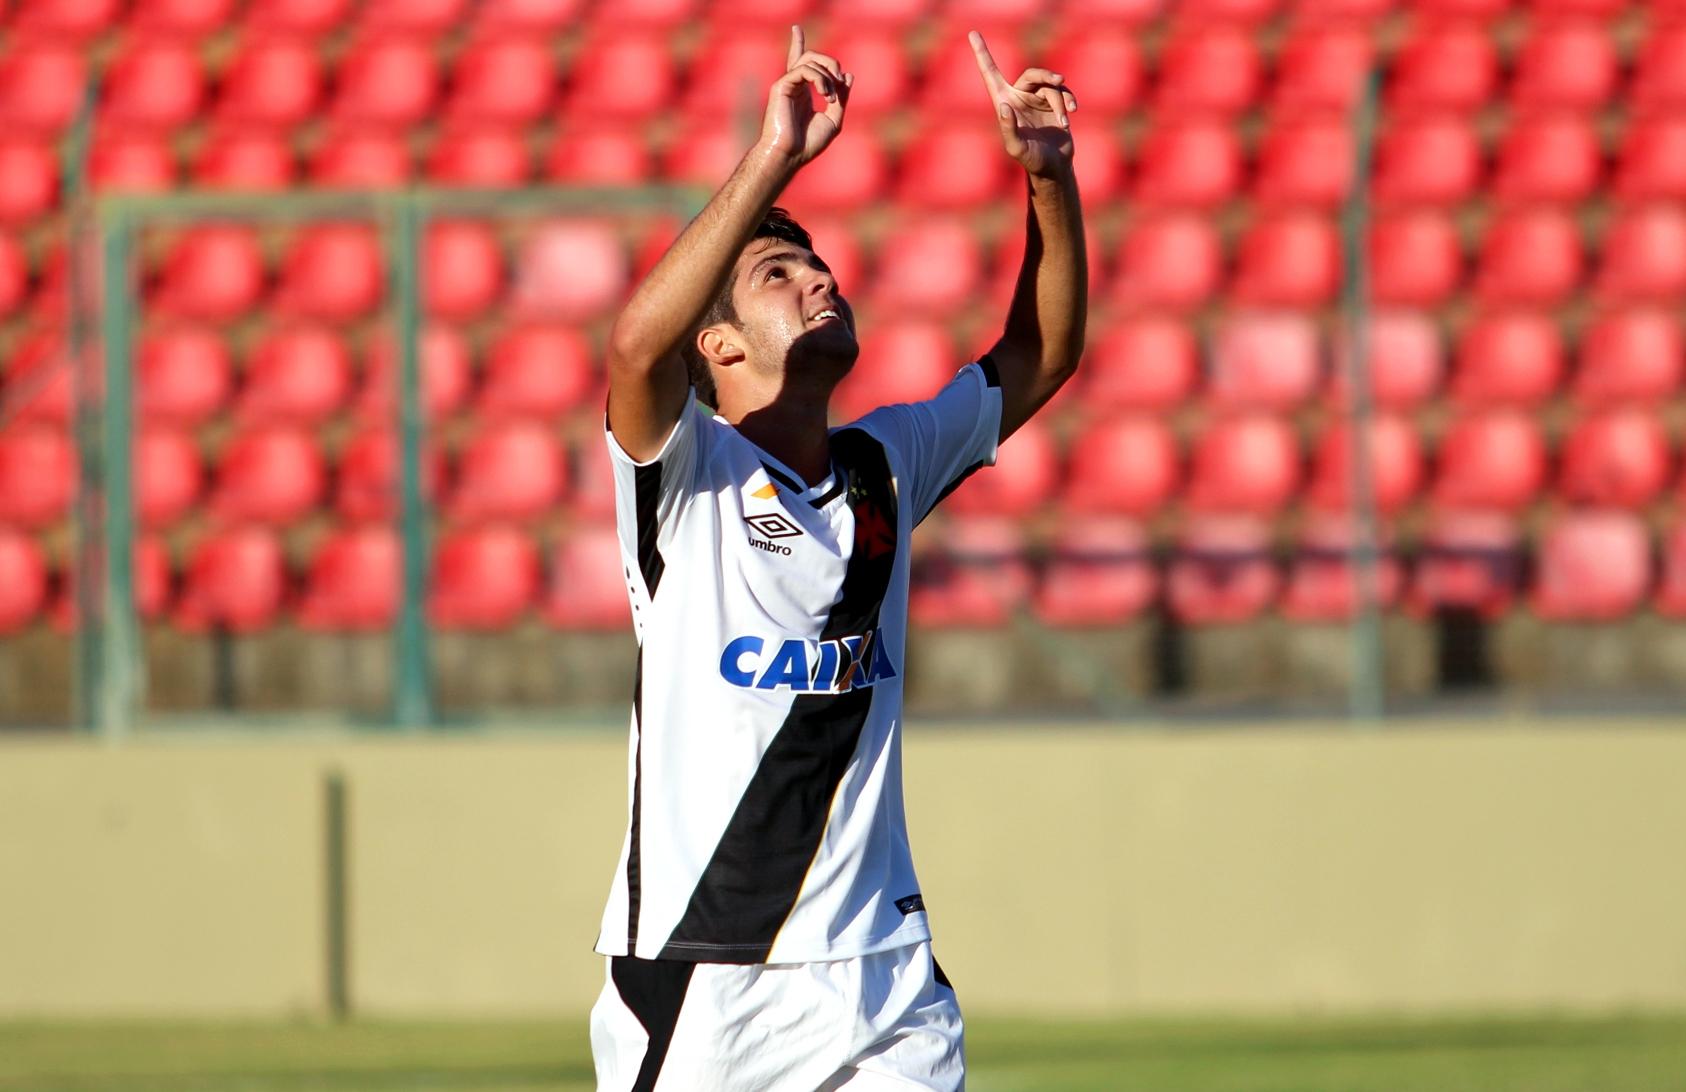 Juniores  Dudu projeta jogo decisivo contra o Atlético-MG nesta 6ª ... 8124260d175f4